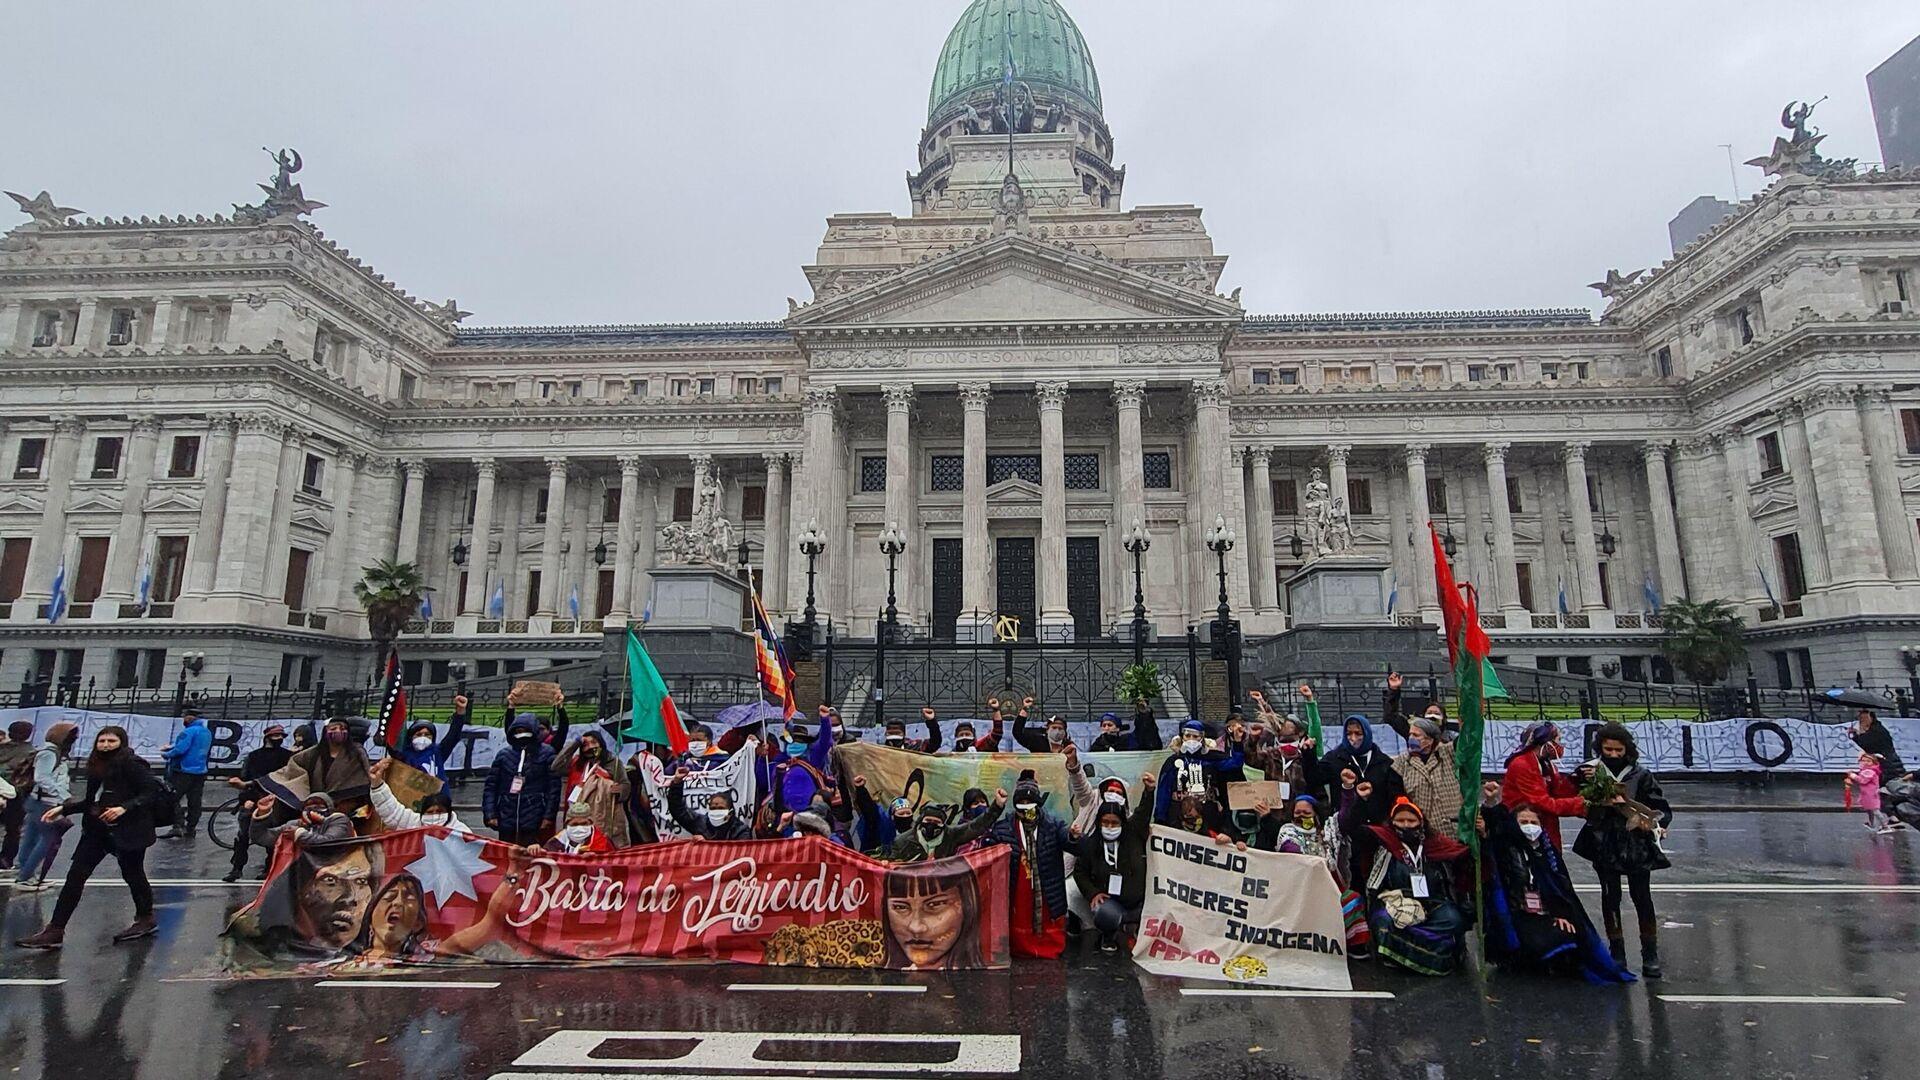 Mujeres indígenas caminaron 2.000 kilómetros desde sus comunidades hasta el Congreso nacional en Buenos Aires - Sputnik Mundo, 1920, 23.05.2021